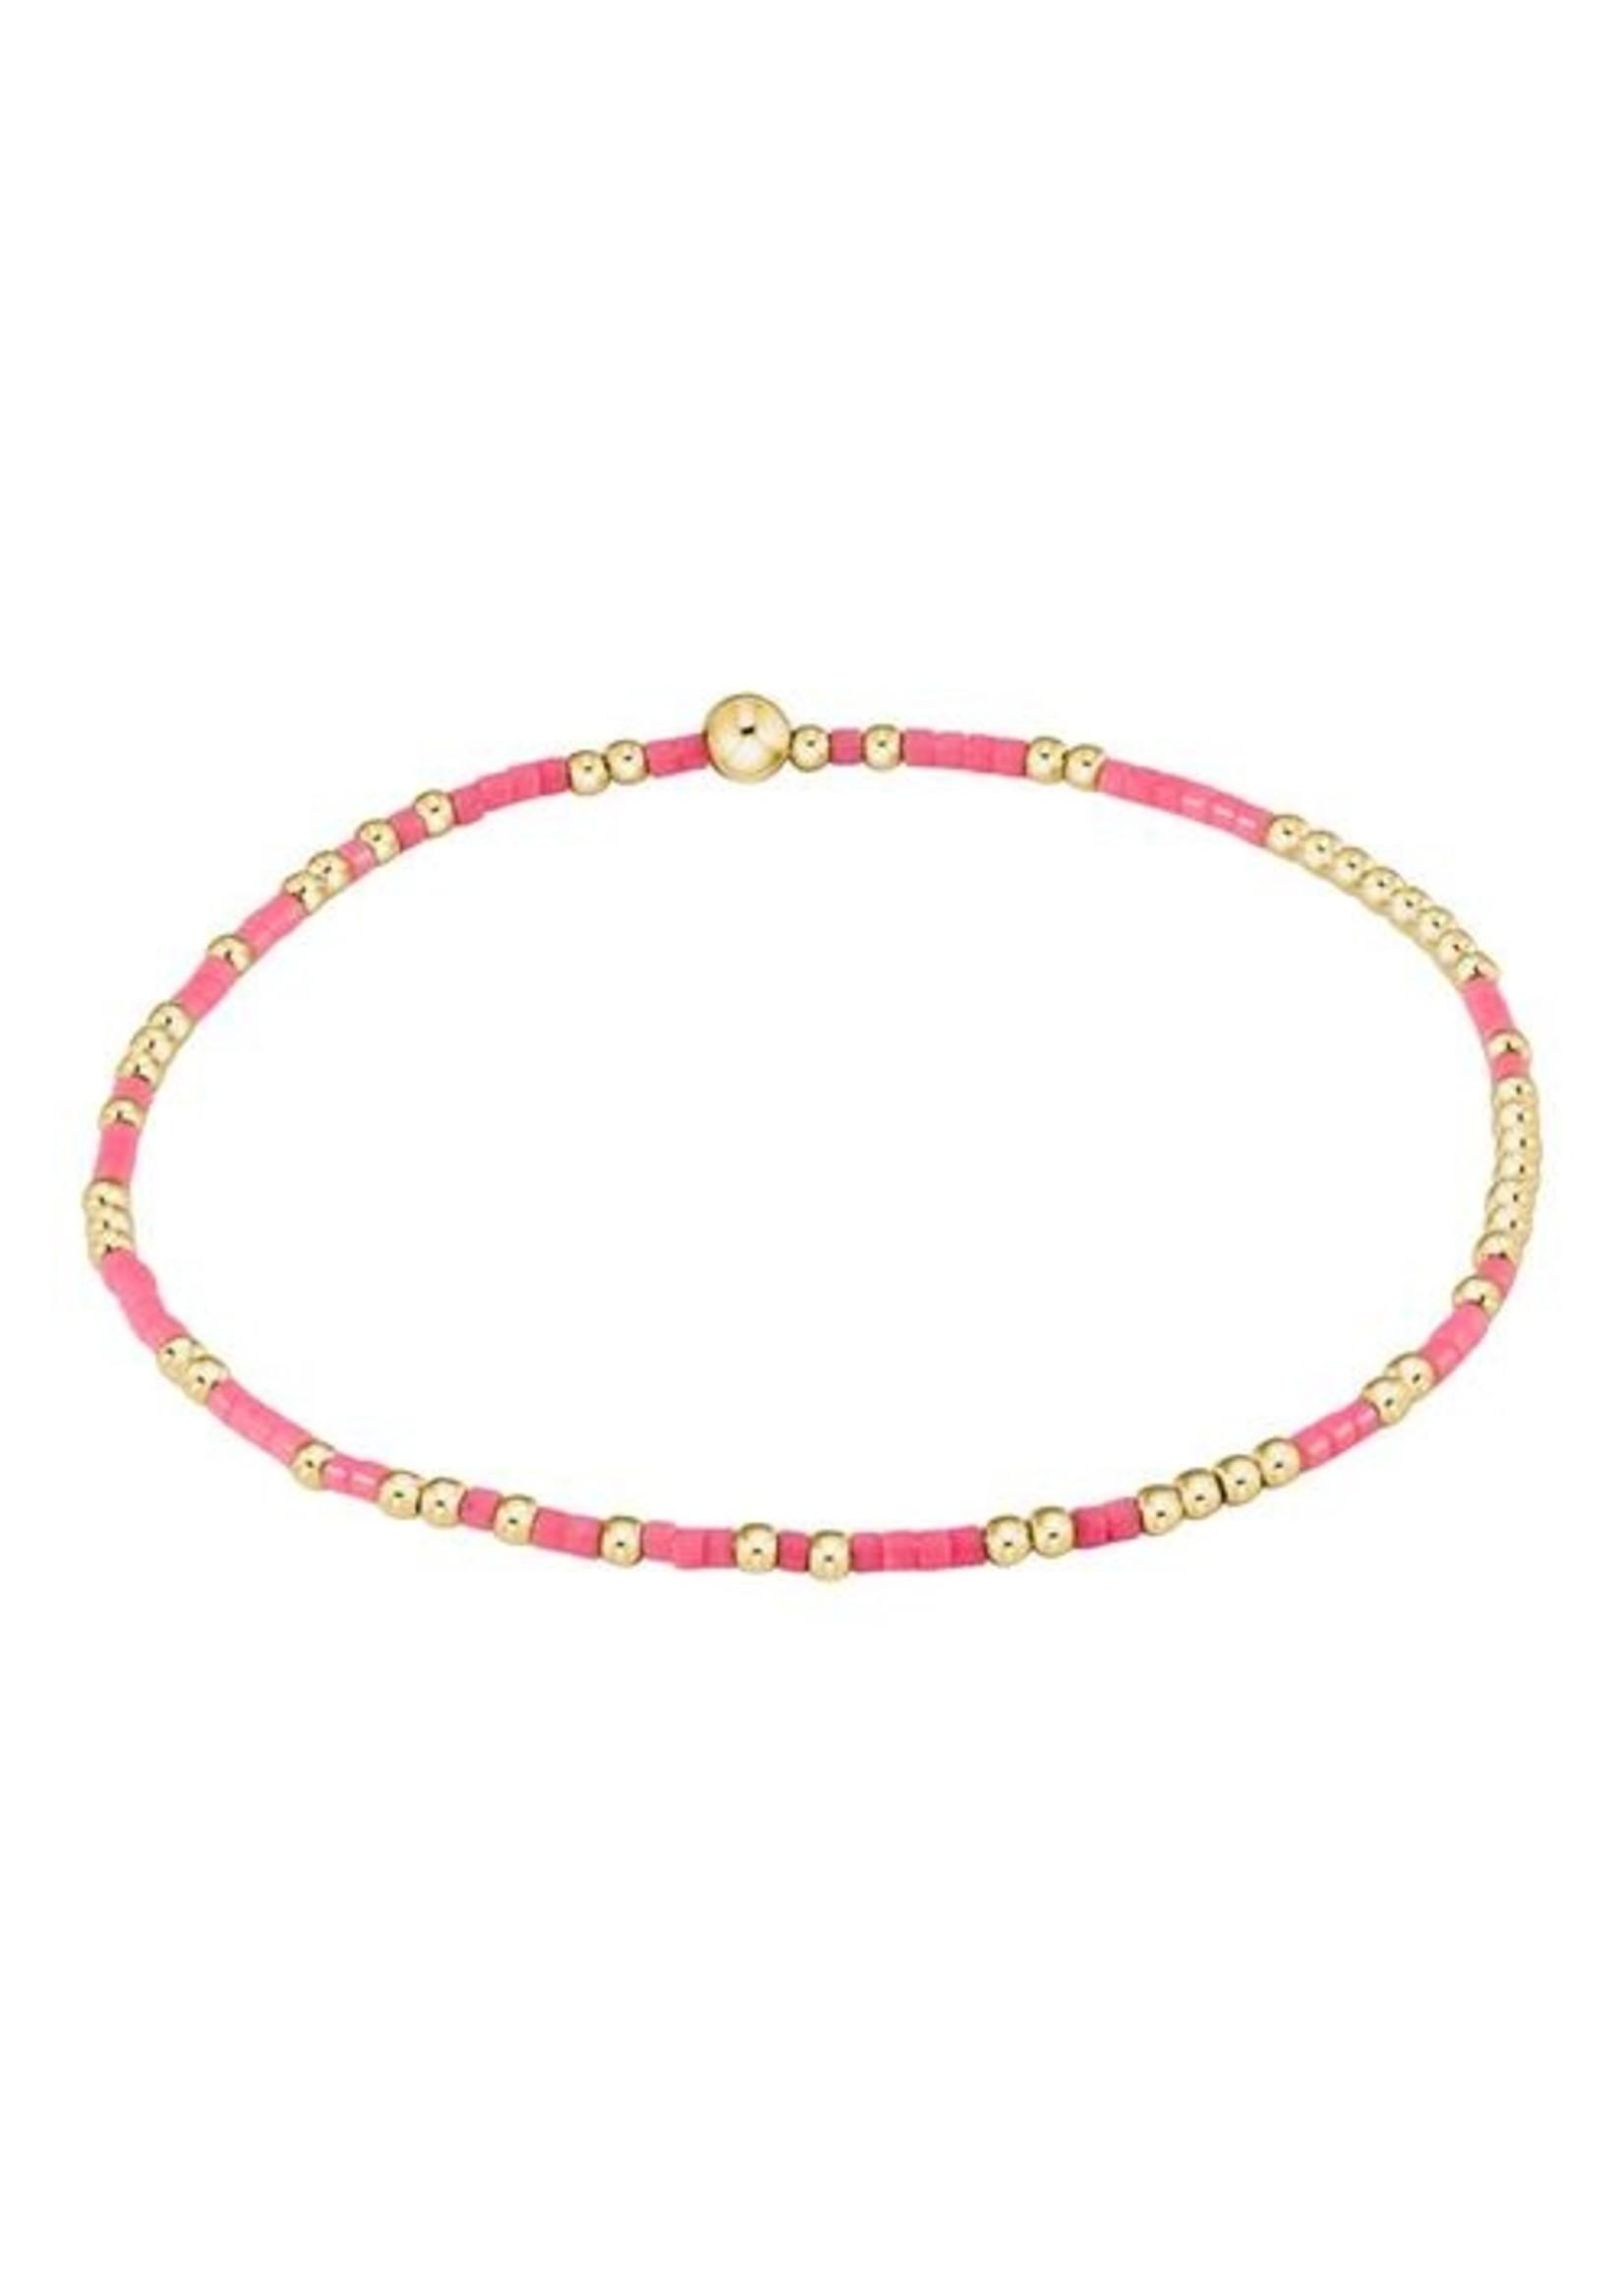 enewton Hope Unwritten Bracelet - Pink